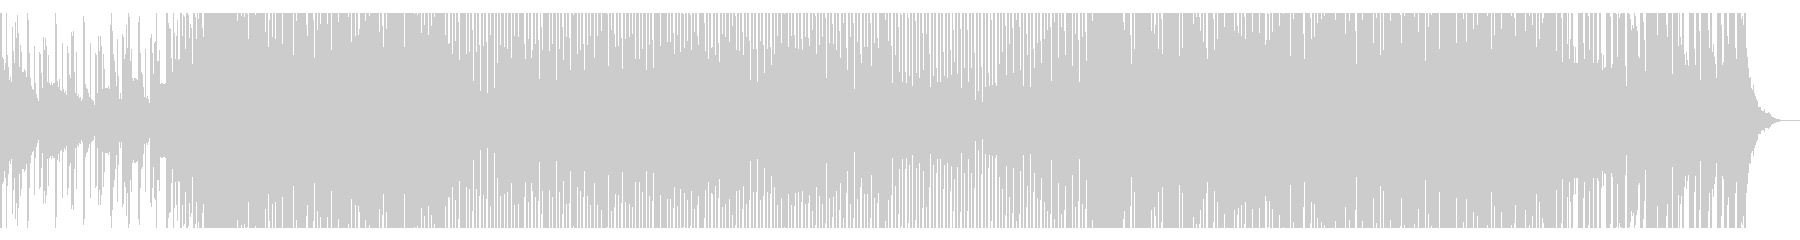 疾走感と開放感のあるシンセポップの未再生の波形